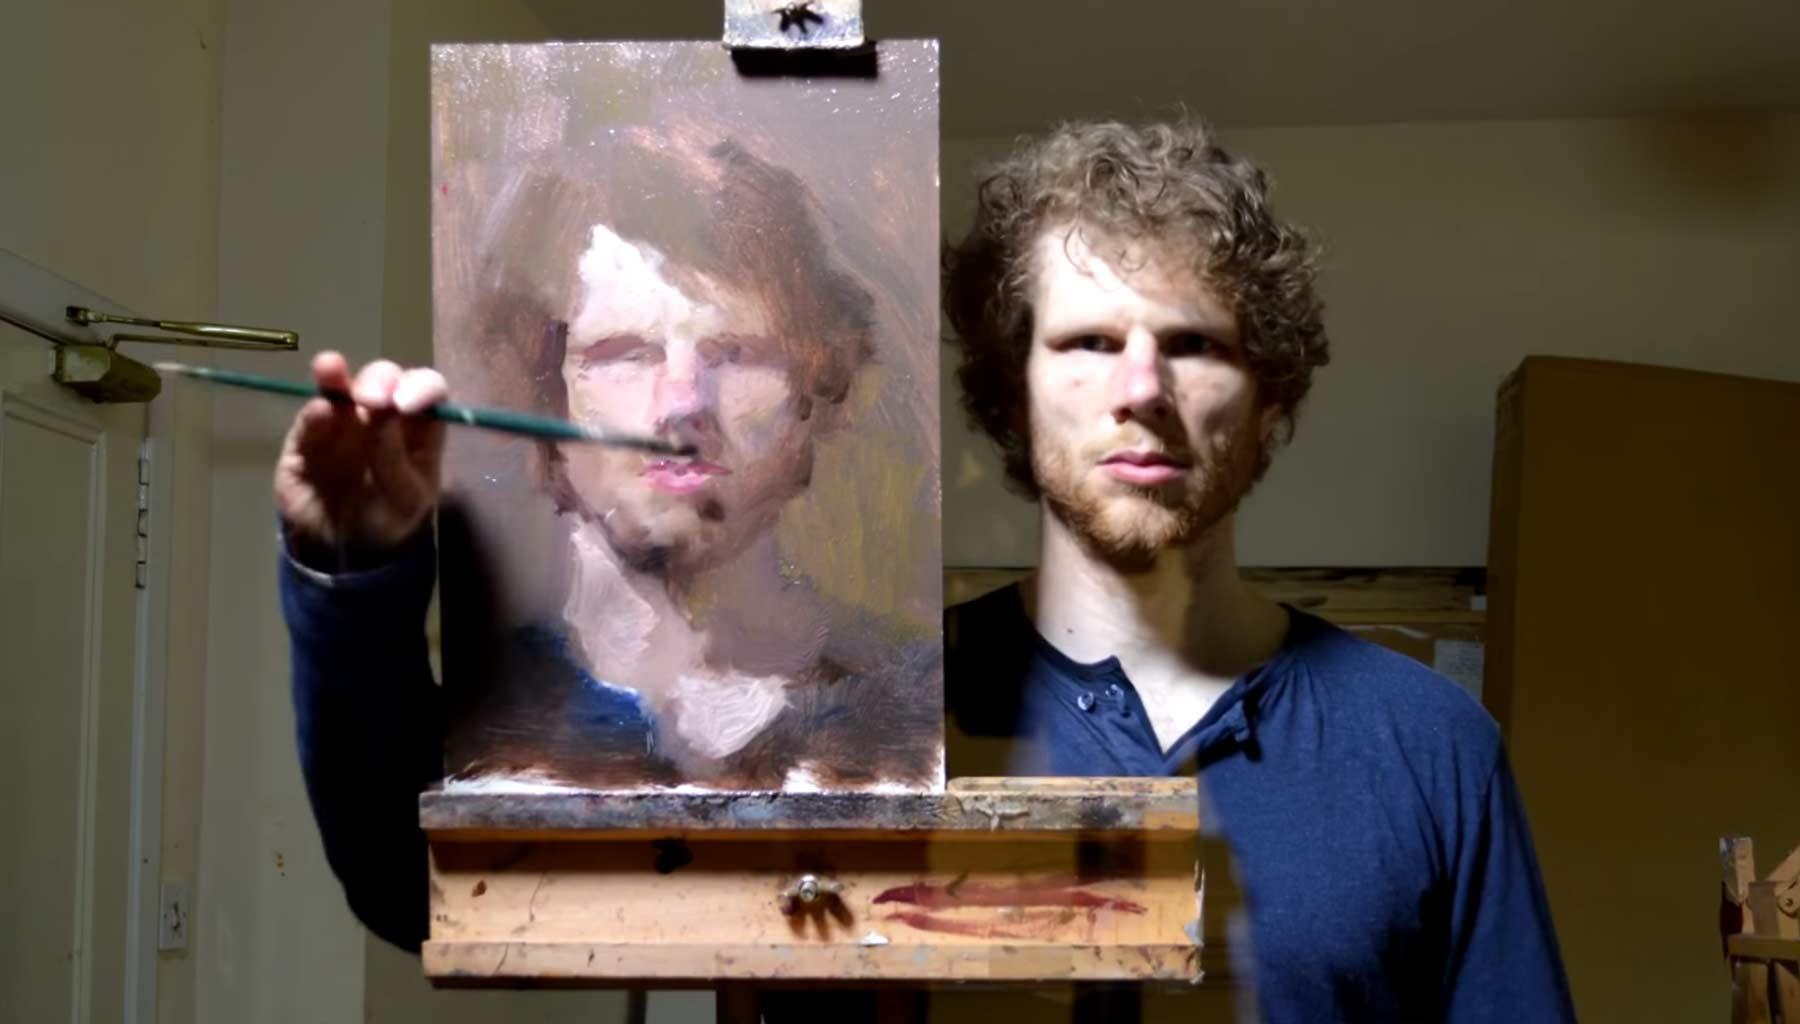 Selbstportrait im Spiegelbild